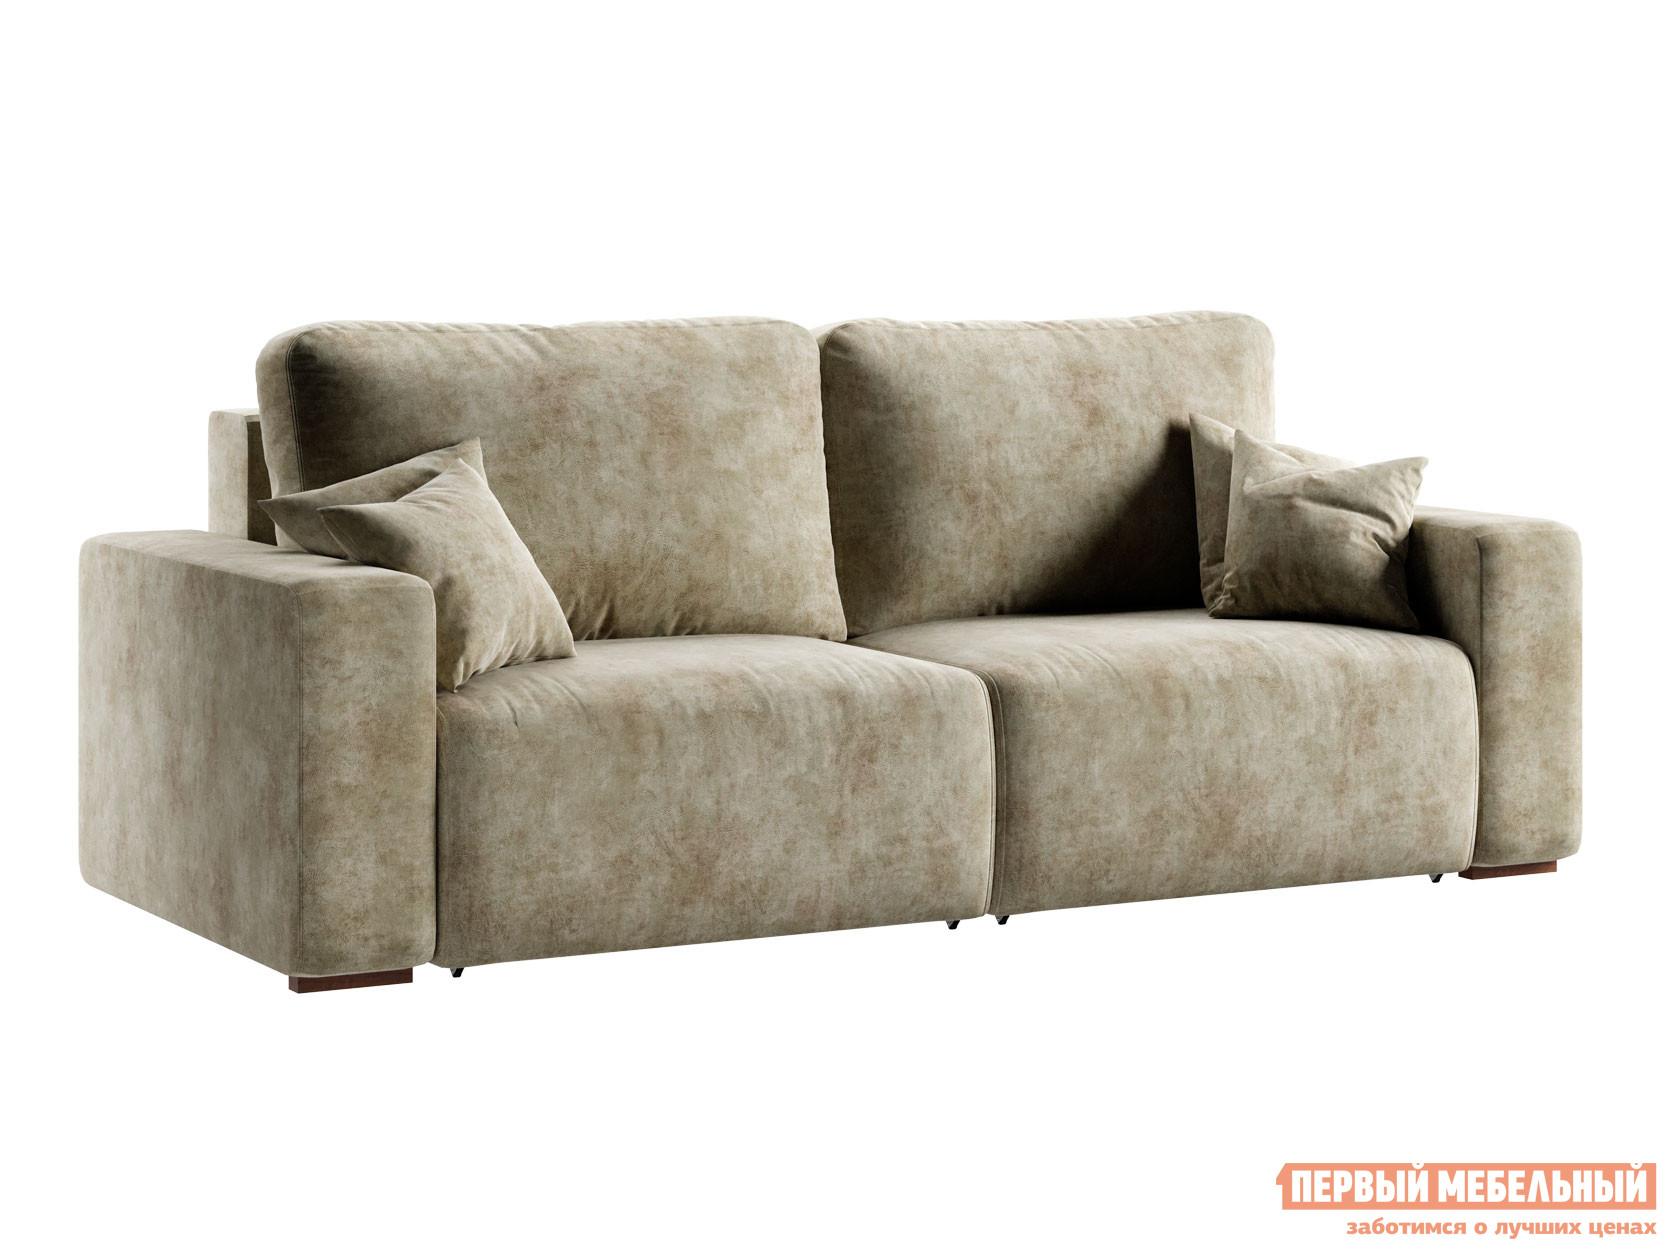 Прямой диван  Пуэрто Кремовый, велюр Пиррогрупп 119718